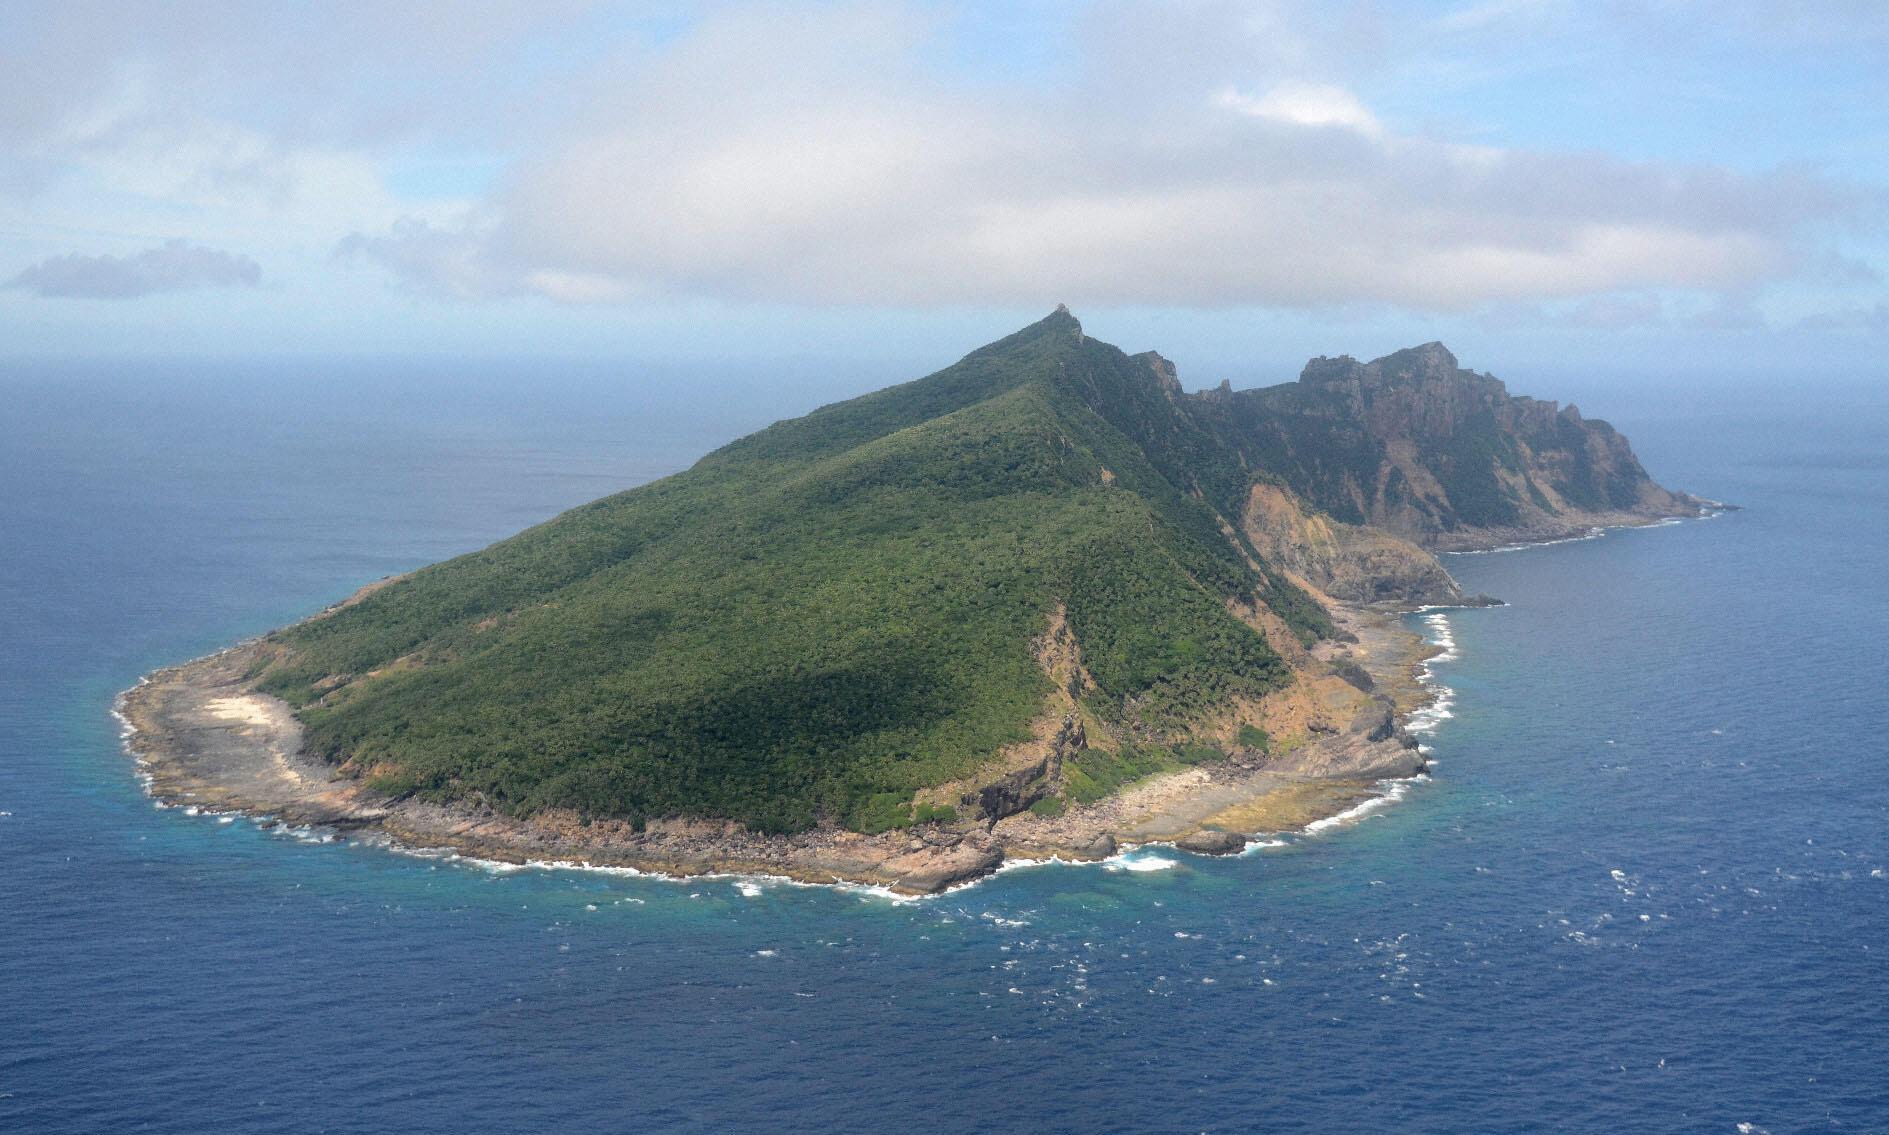 Ilhas Senkaku para os japoneses, Diaoyu para os chineses, objeto de forte disputa entre os dois países.